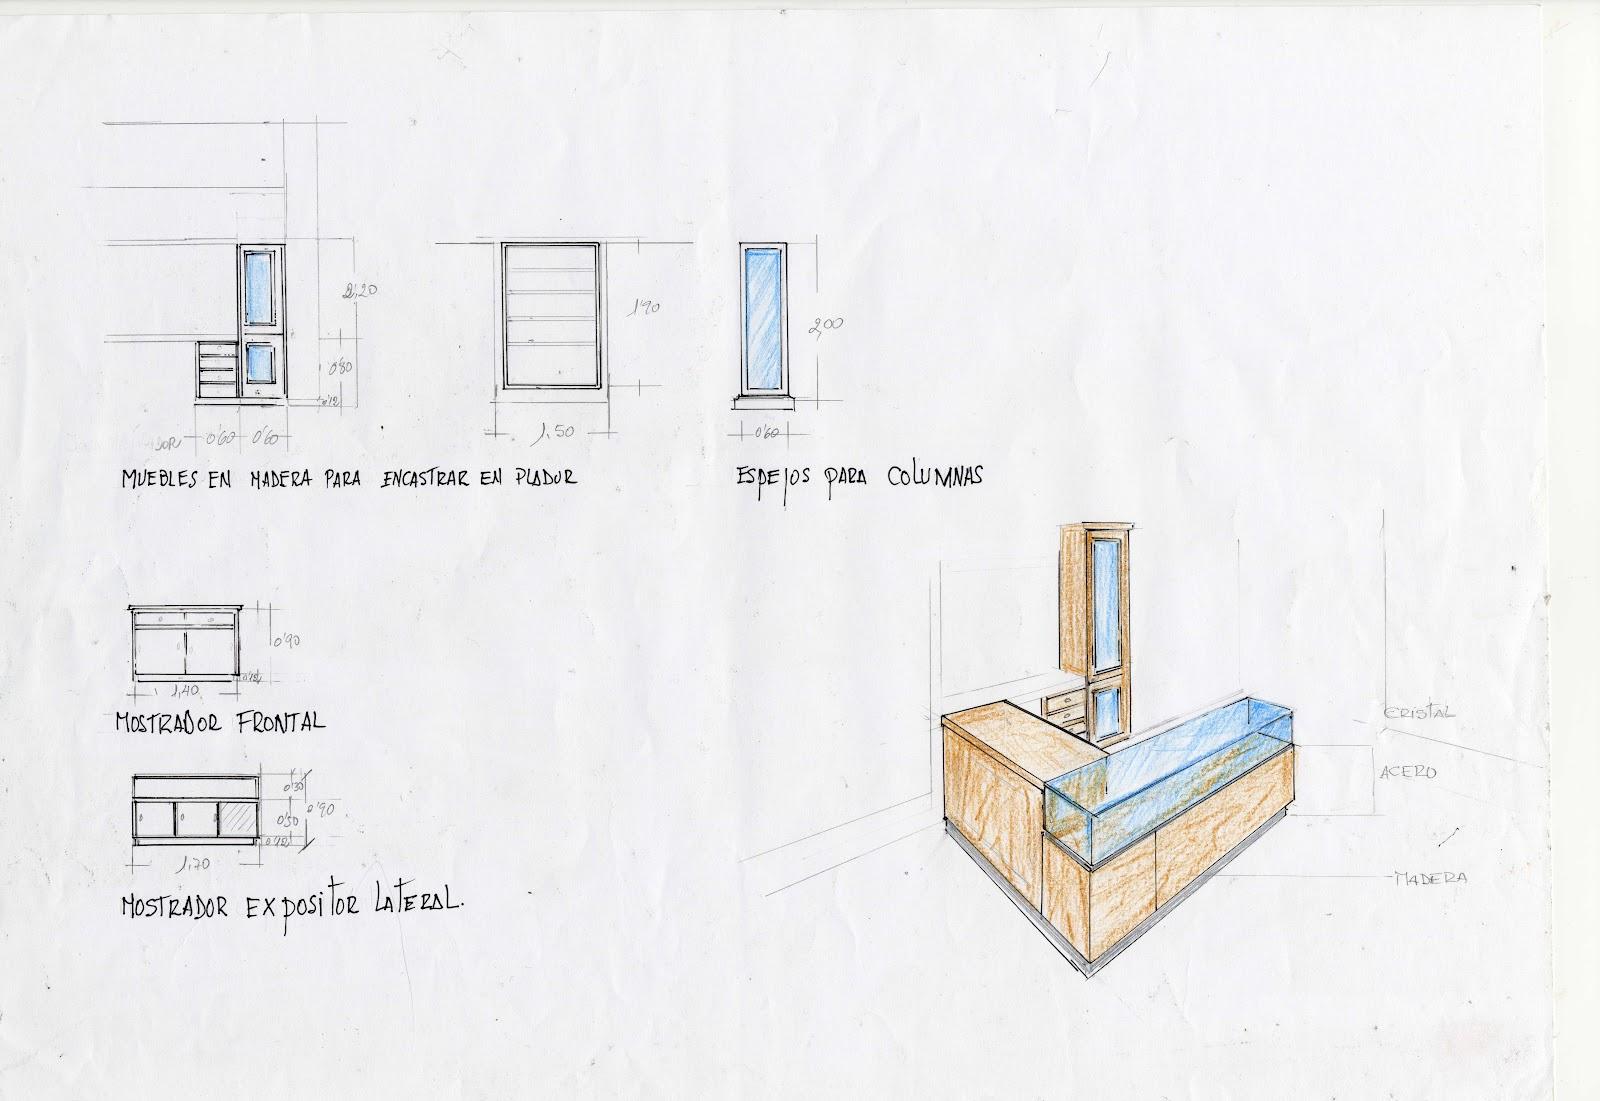 Interiorismo y decoracion lola torga asesoramiento - Disenos de mostradores ...